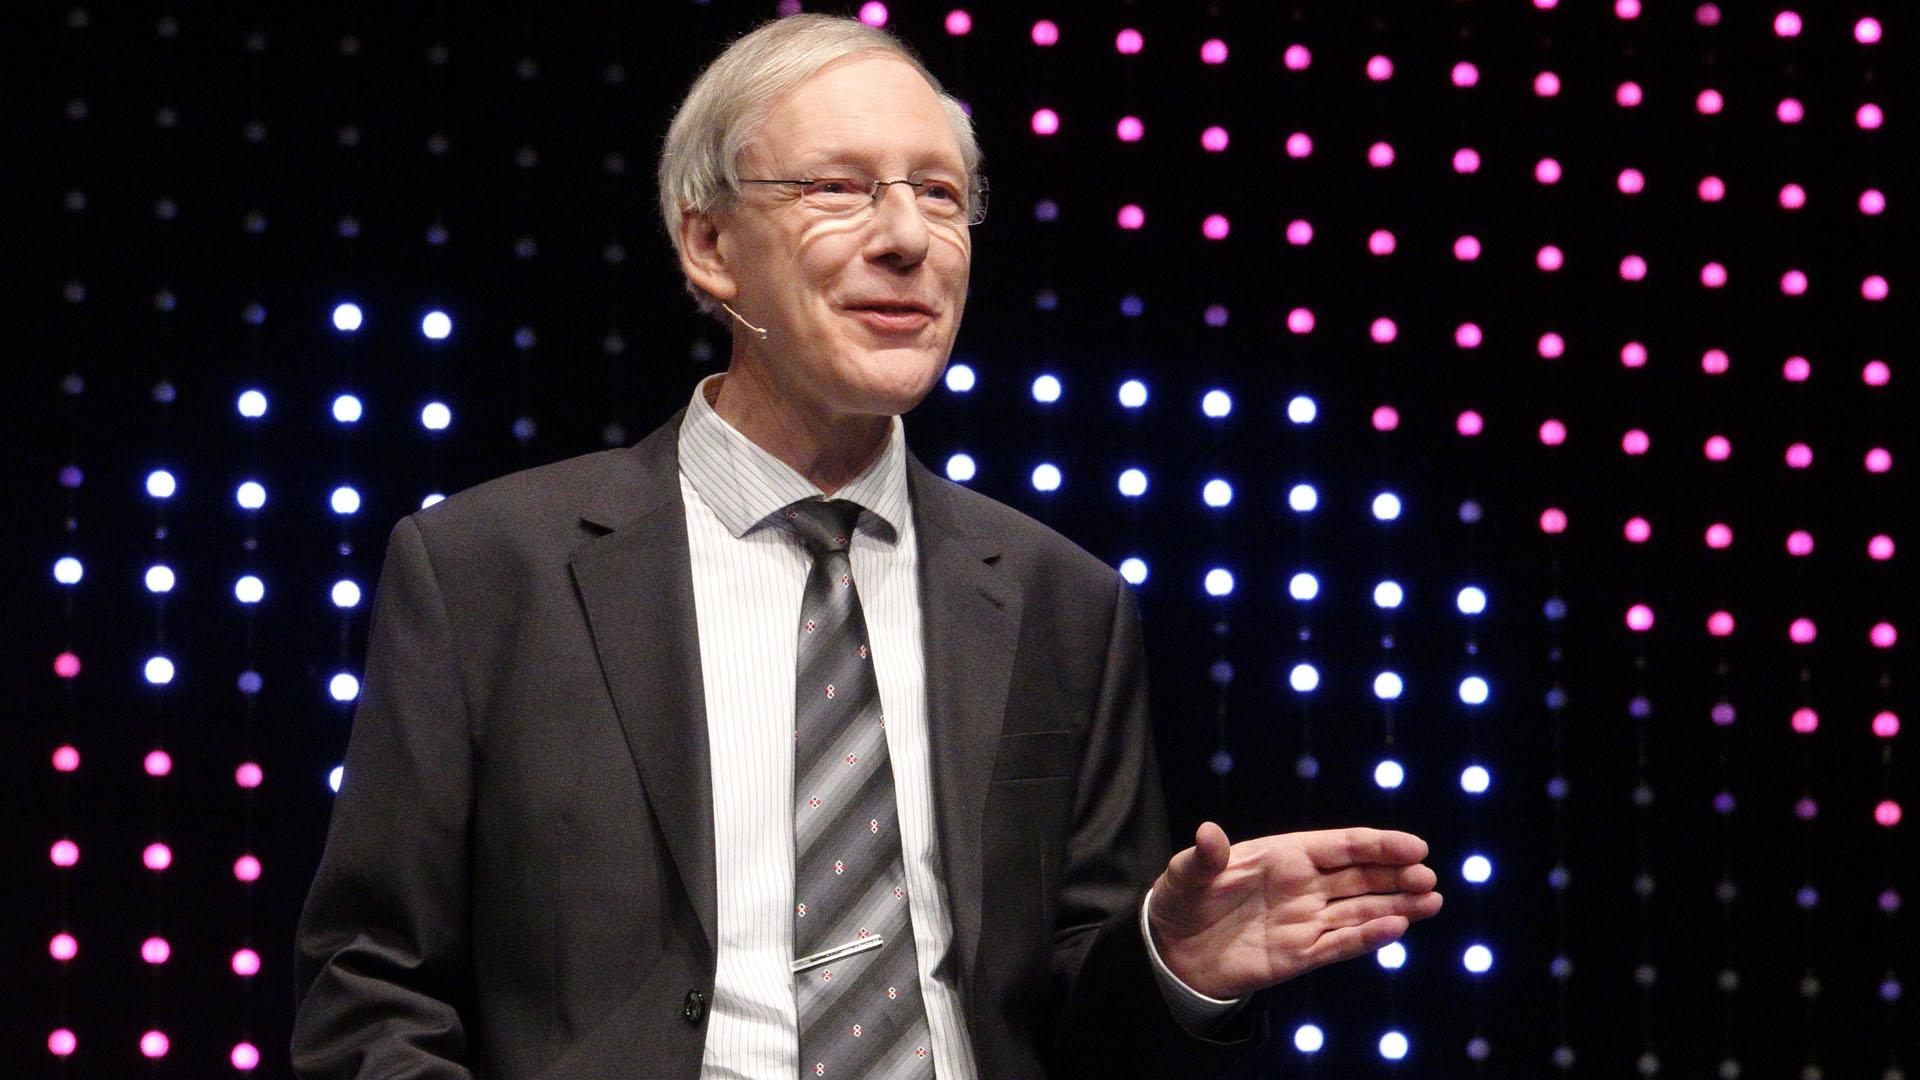 Thomas Schimmel vom Karlsruher Institut für Technologie